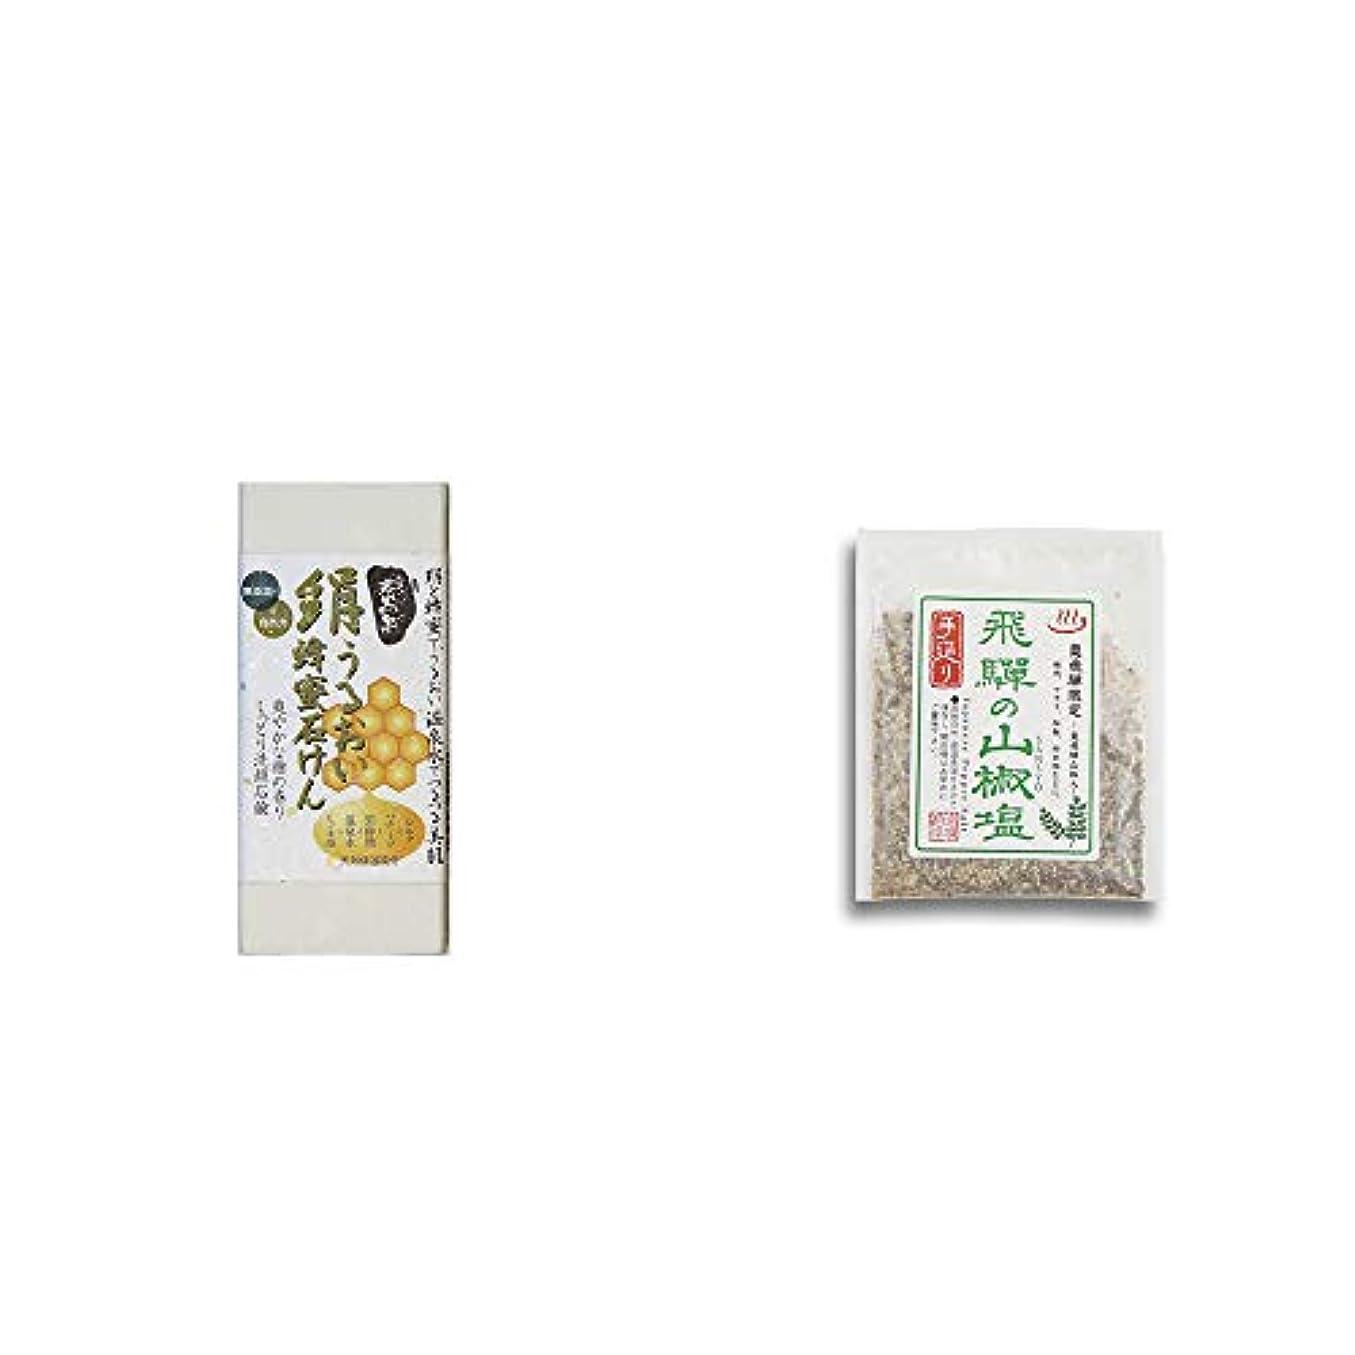 構成気づくアコー[2点セット] ひのき炭黒泉 絹うるおい蜂蜜石けん(75g×2)?手造り 飛騨の山椒塩(40g)